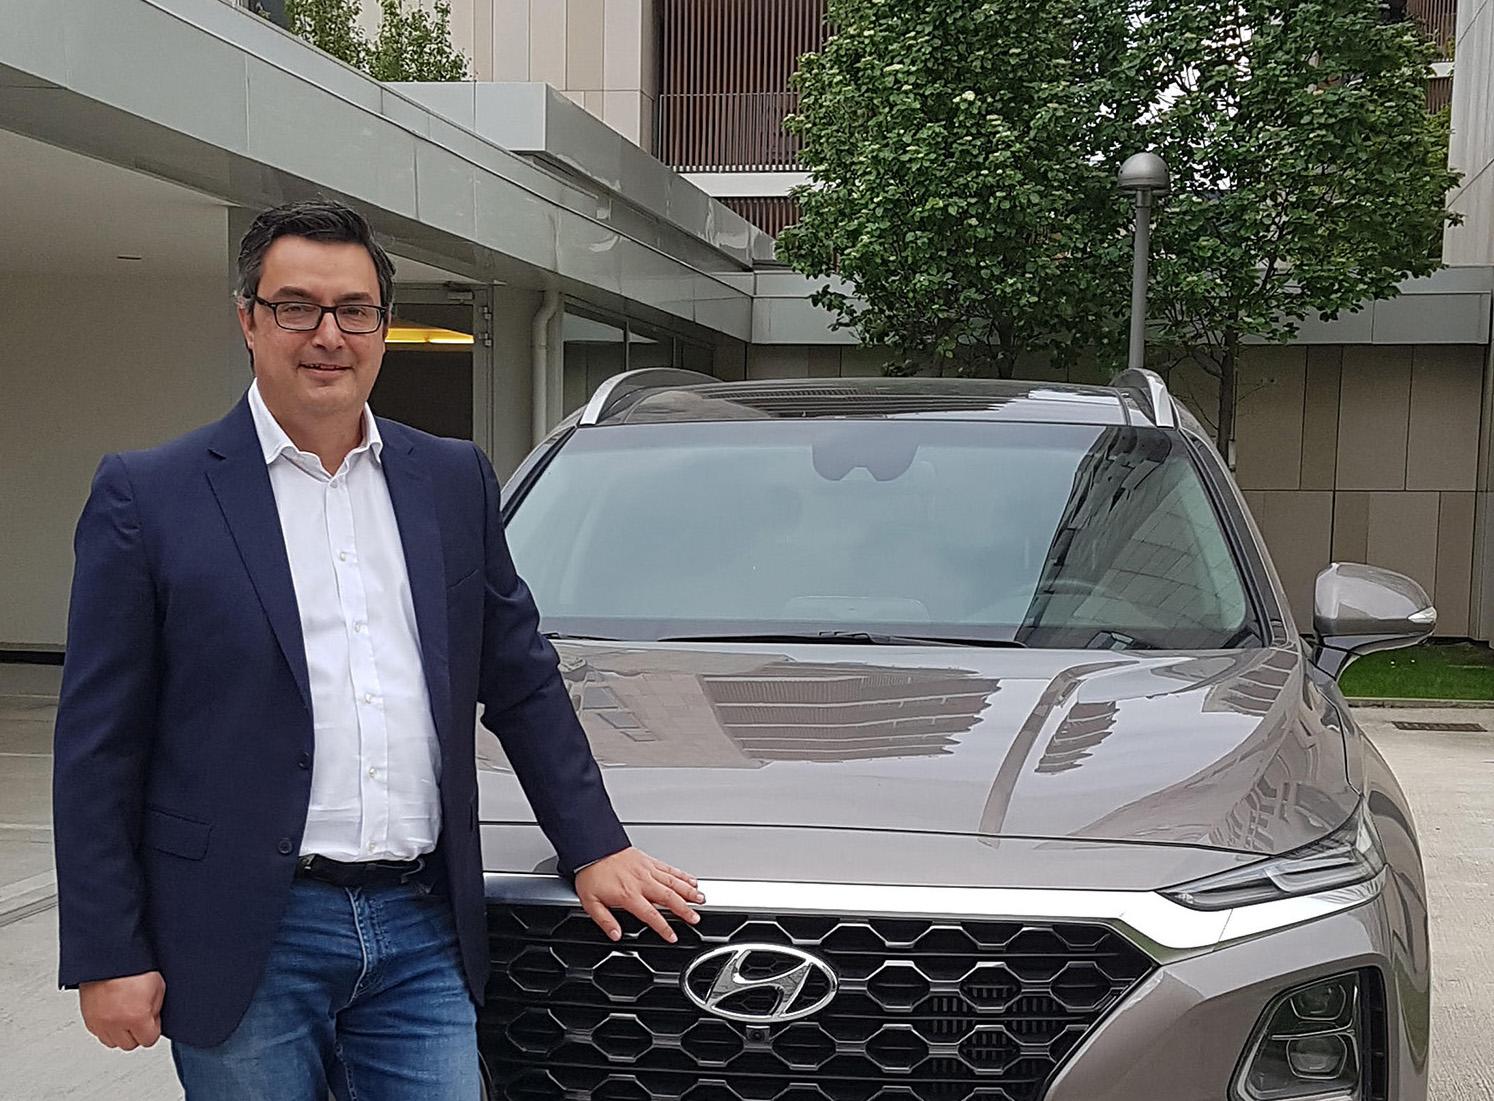 Pier Paolo Greco, direttore marketing e comunicazione di Hyundai Italia